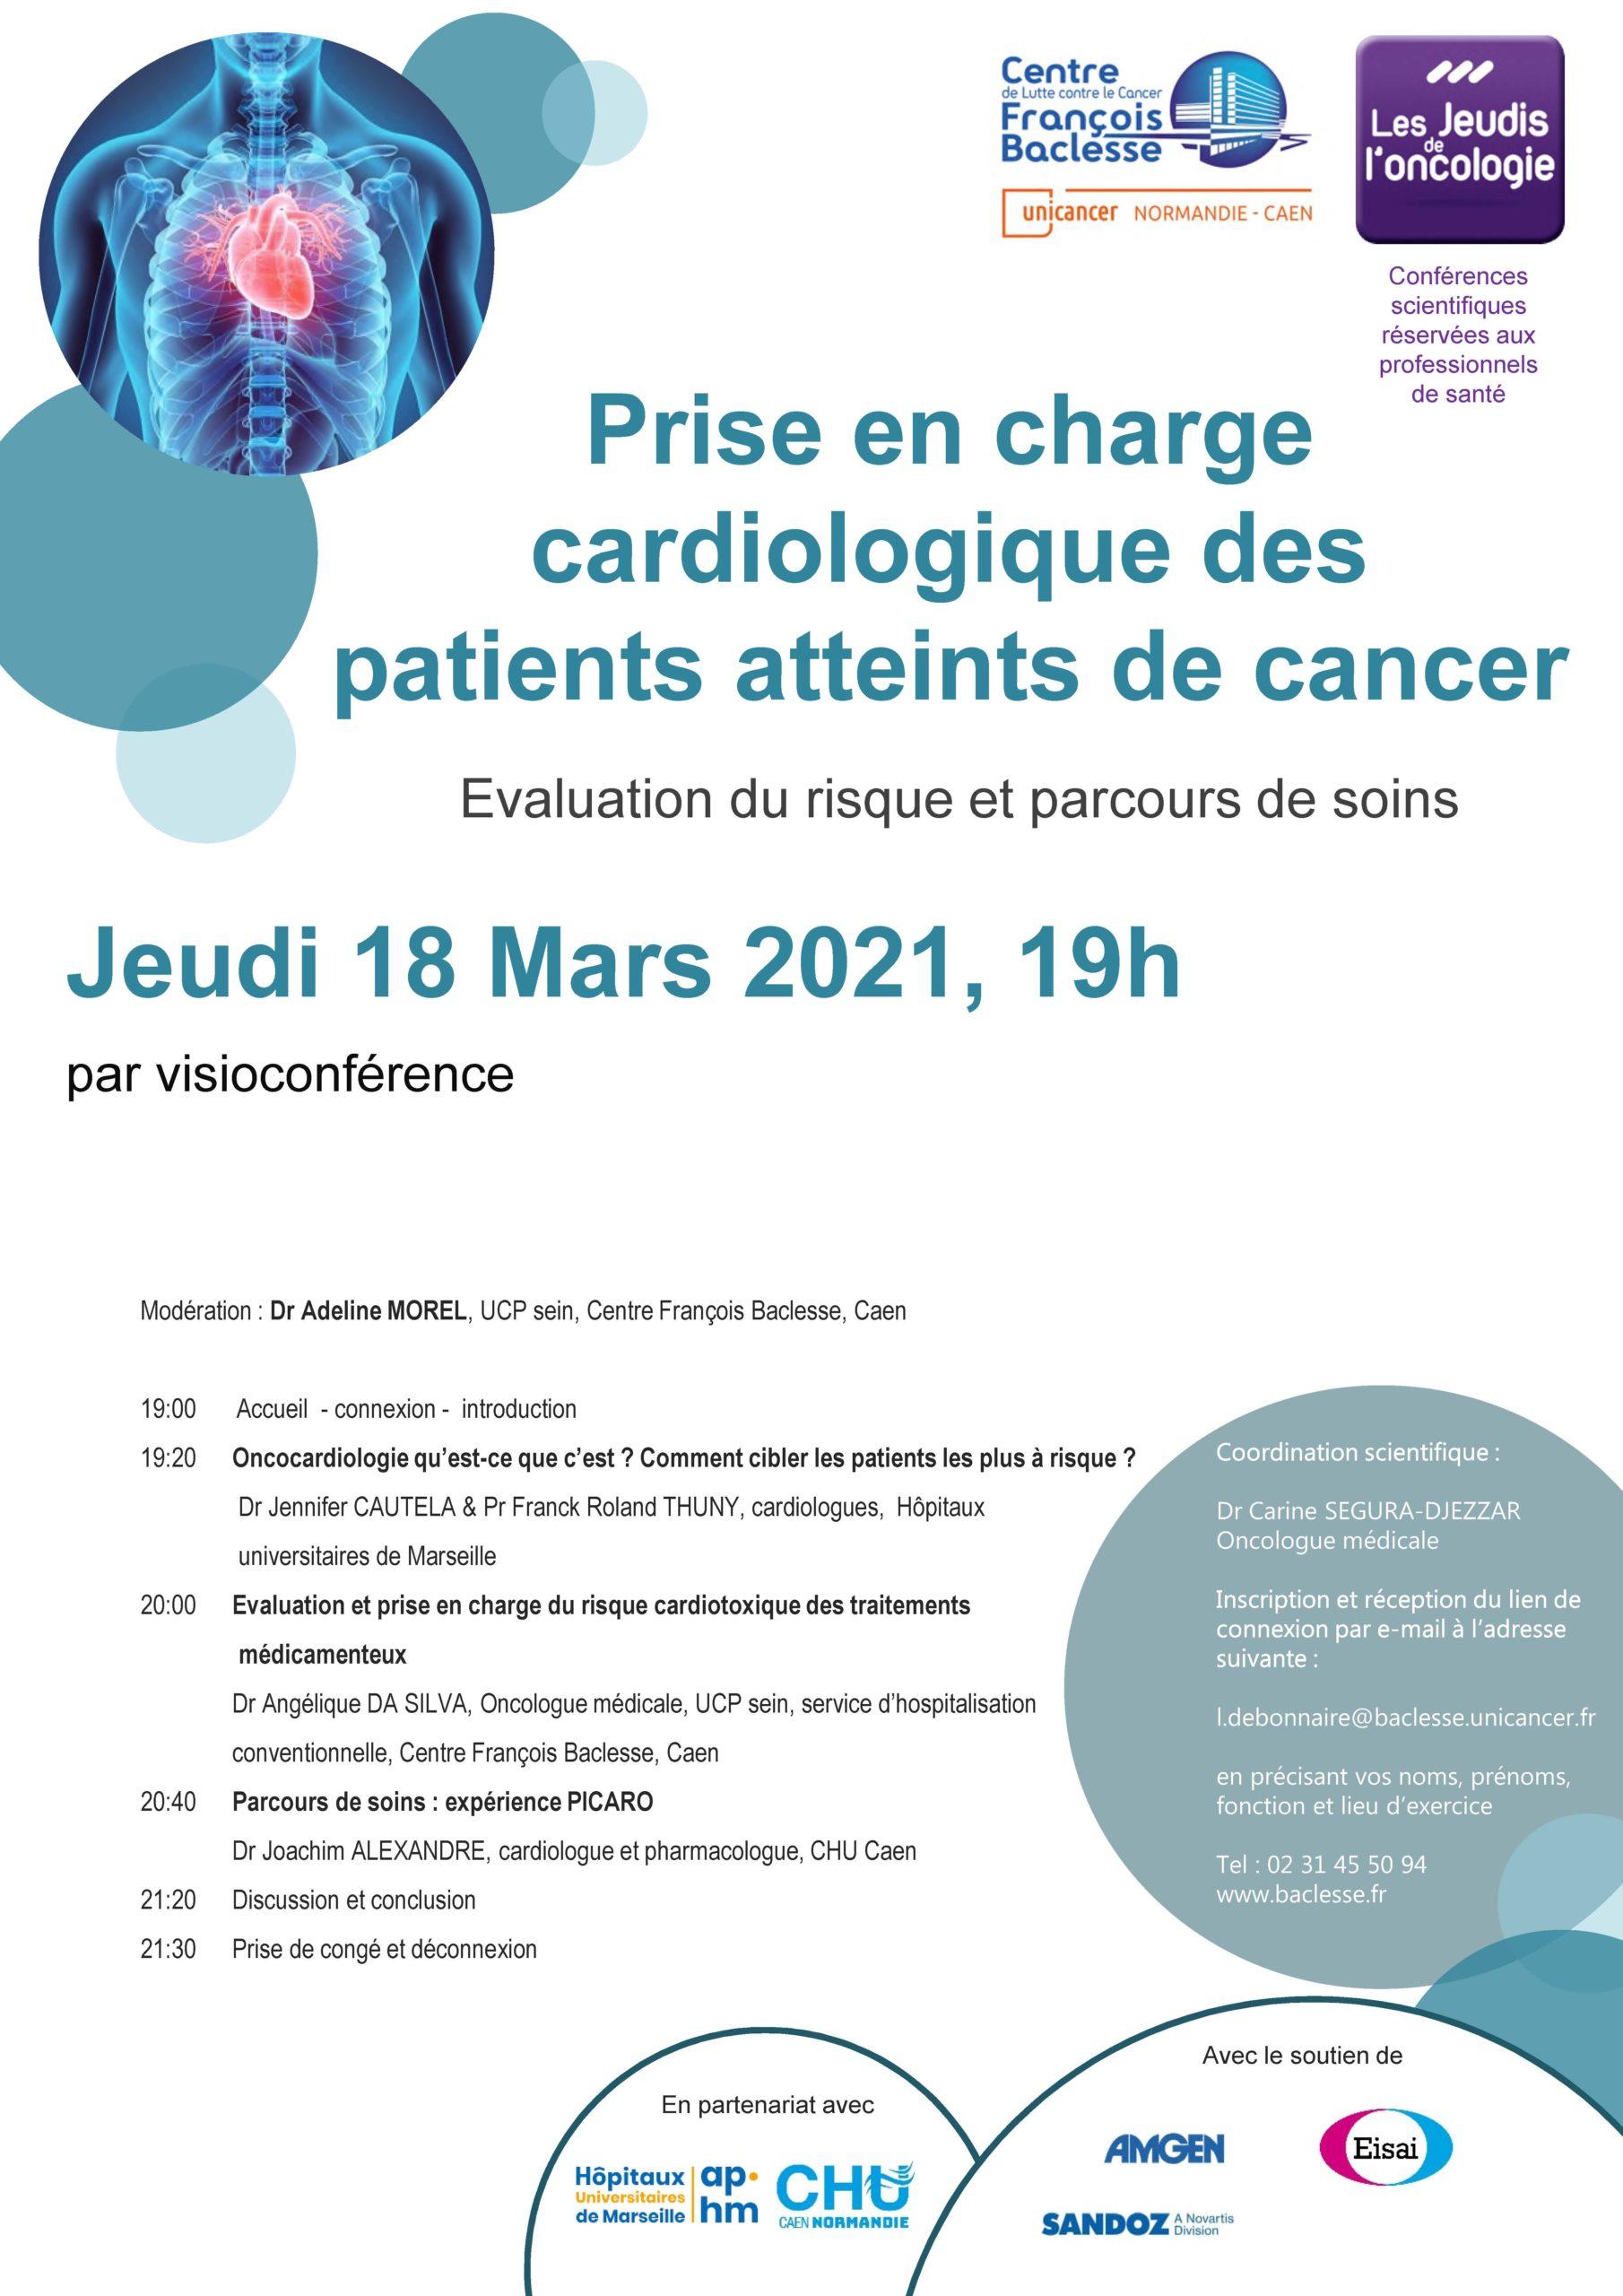 Jeudi 18 MARS 2021 Cardiologie scaled - Prise en charge cardiologique des patients atteints de cancer